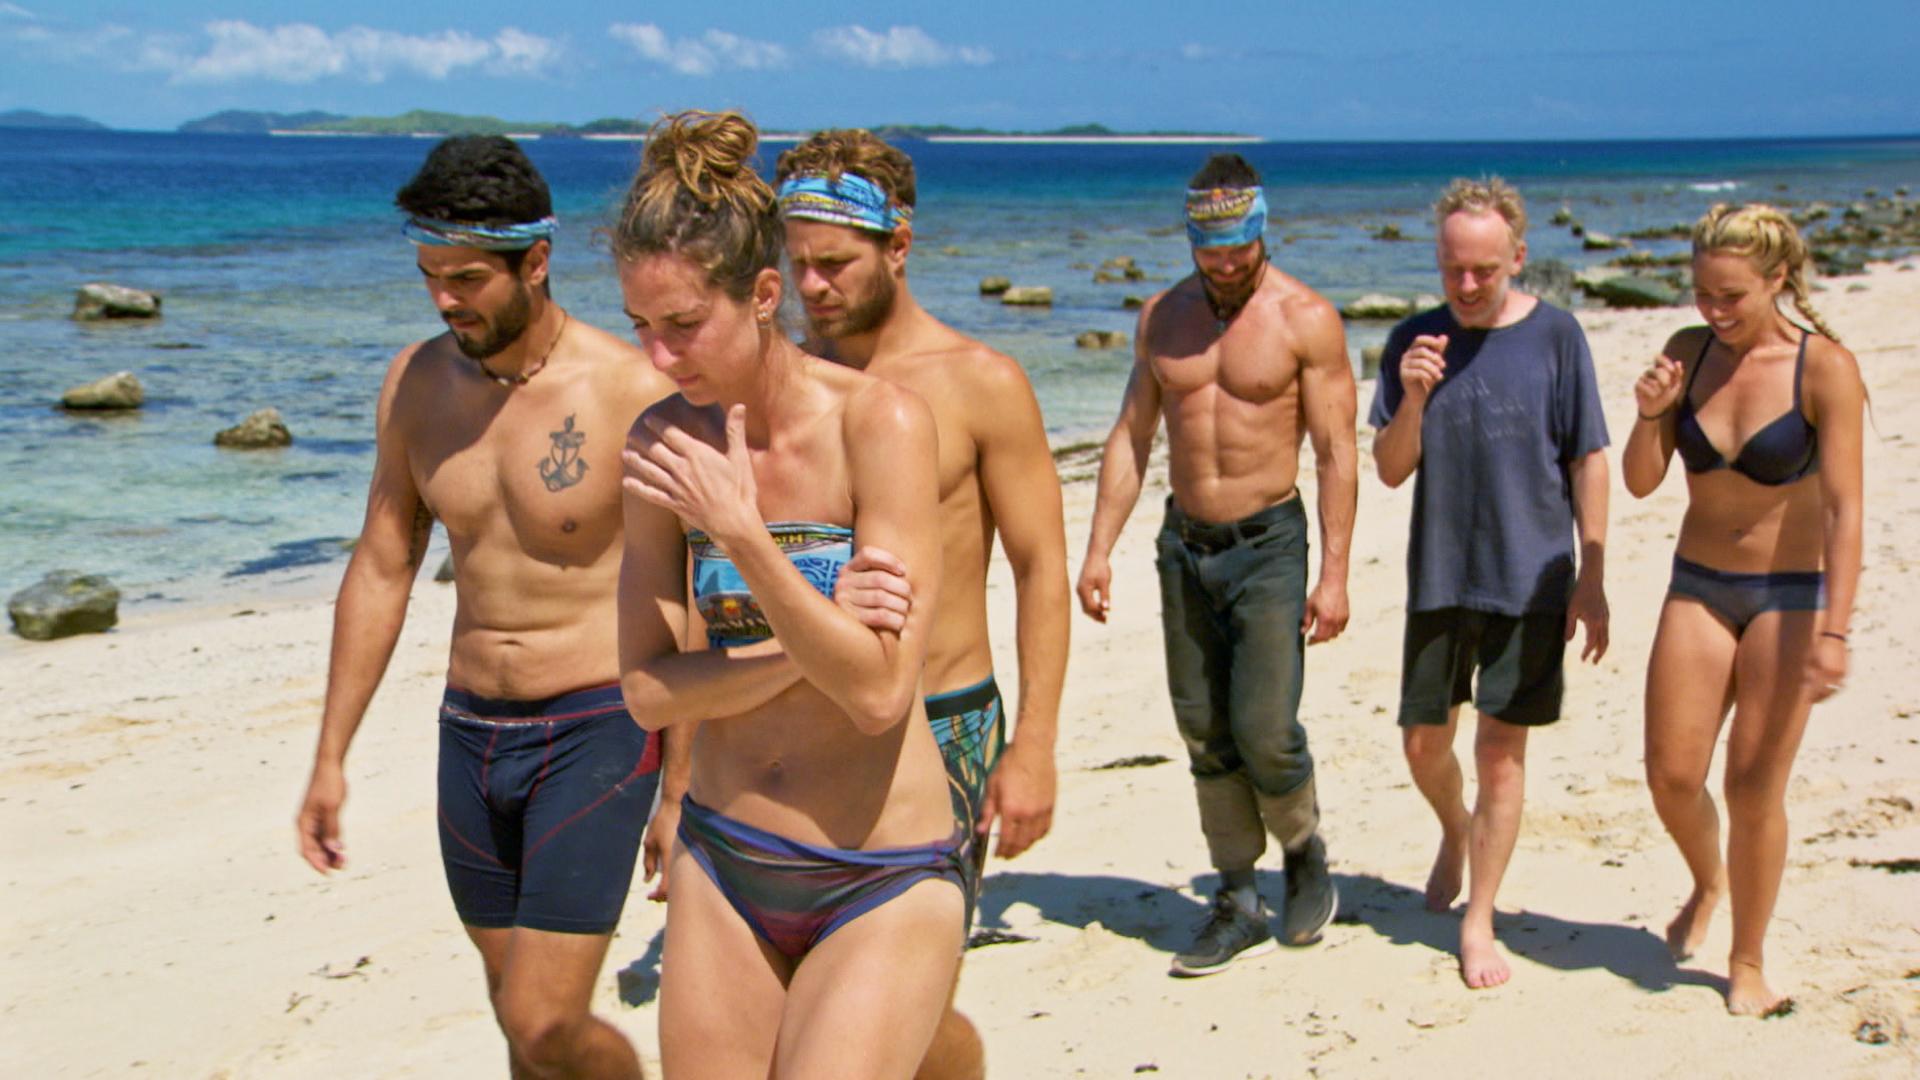 watch survivor season 37 online free